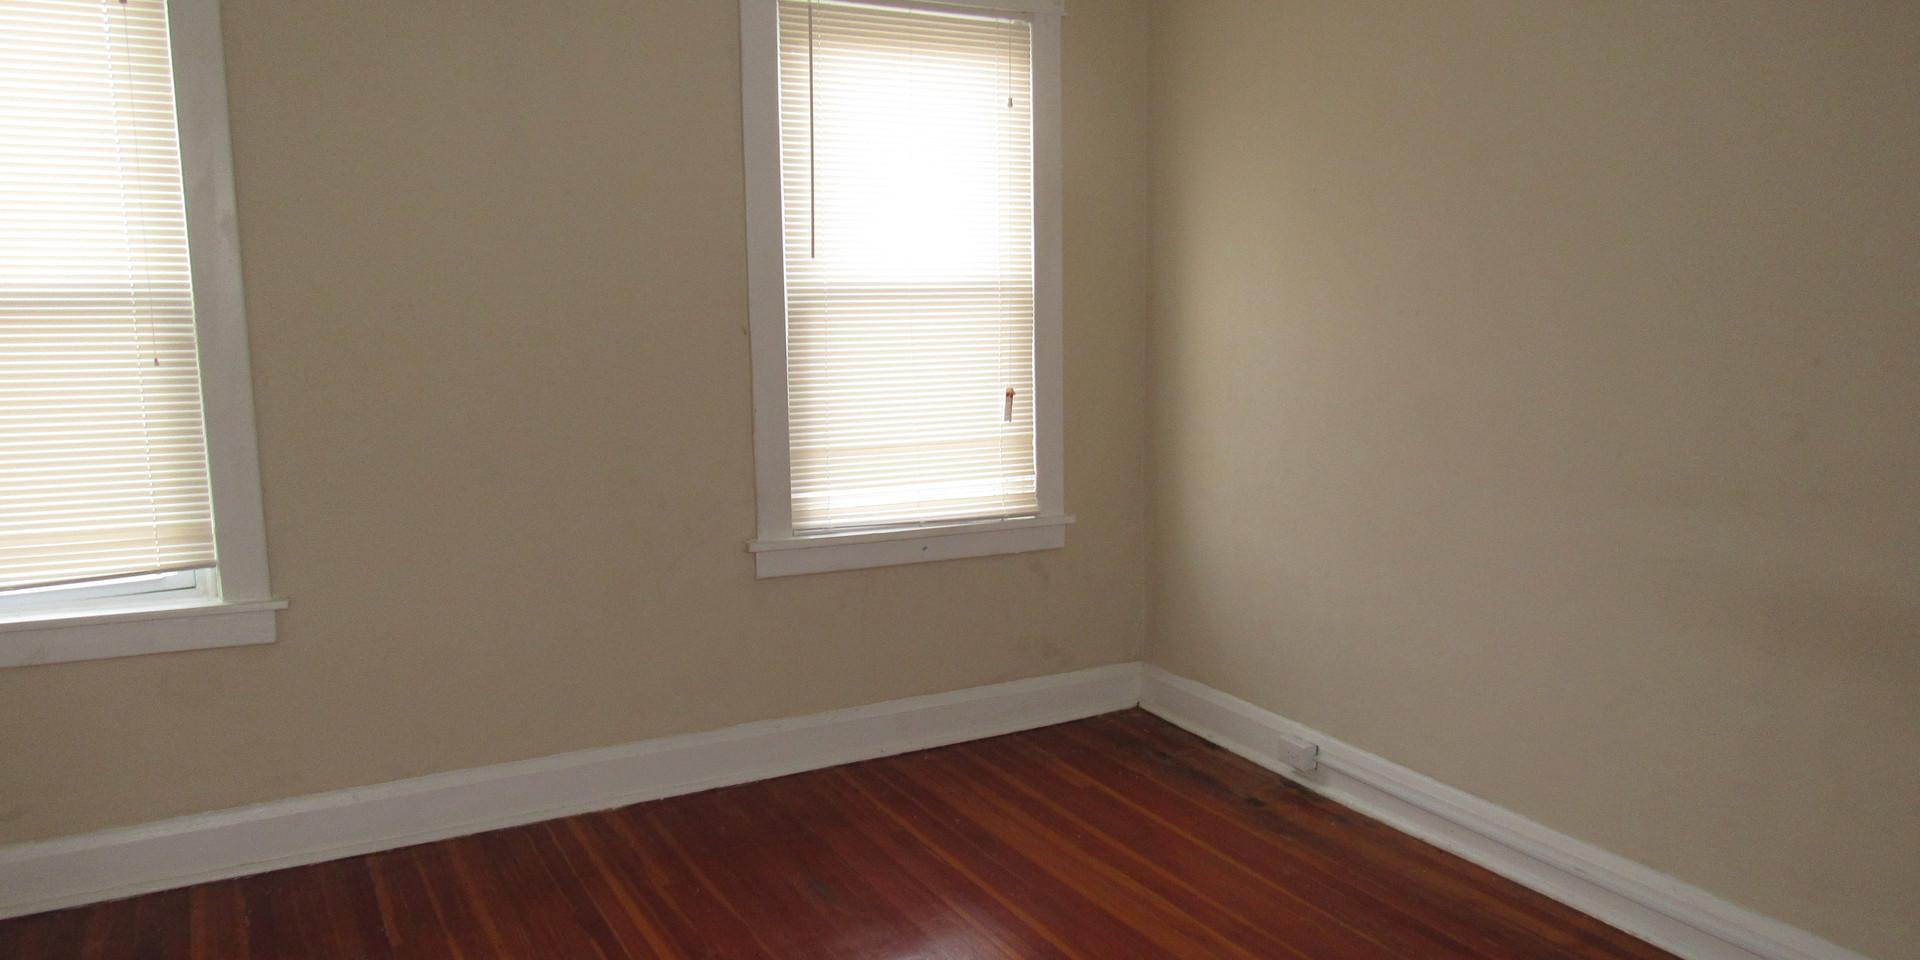 09.1 - Bedroom 1A.JPG